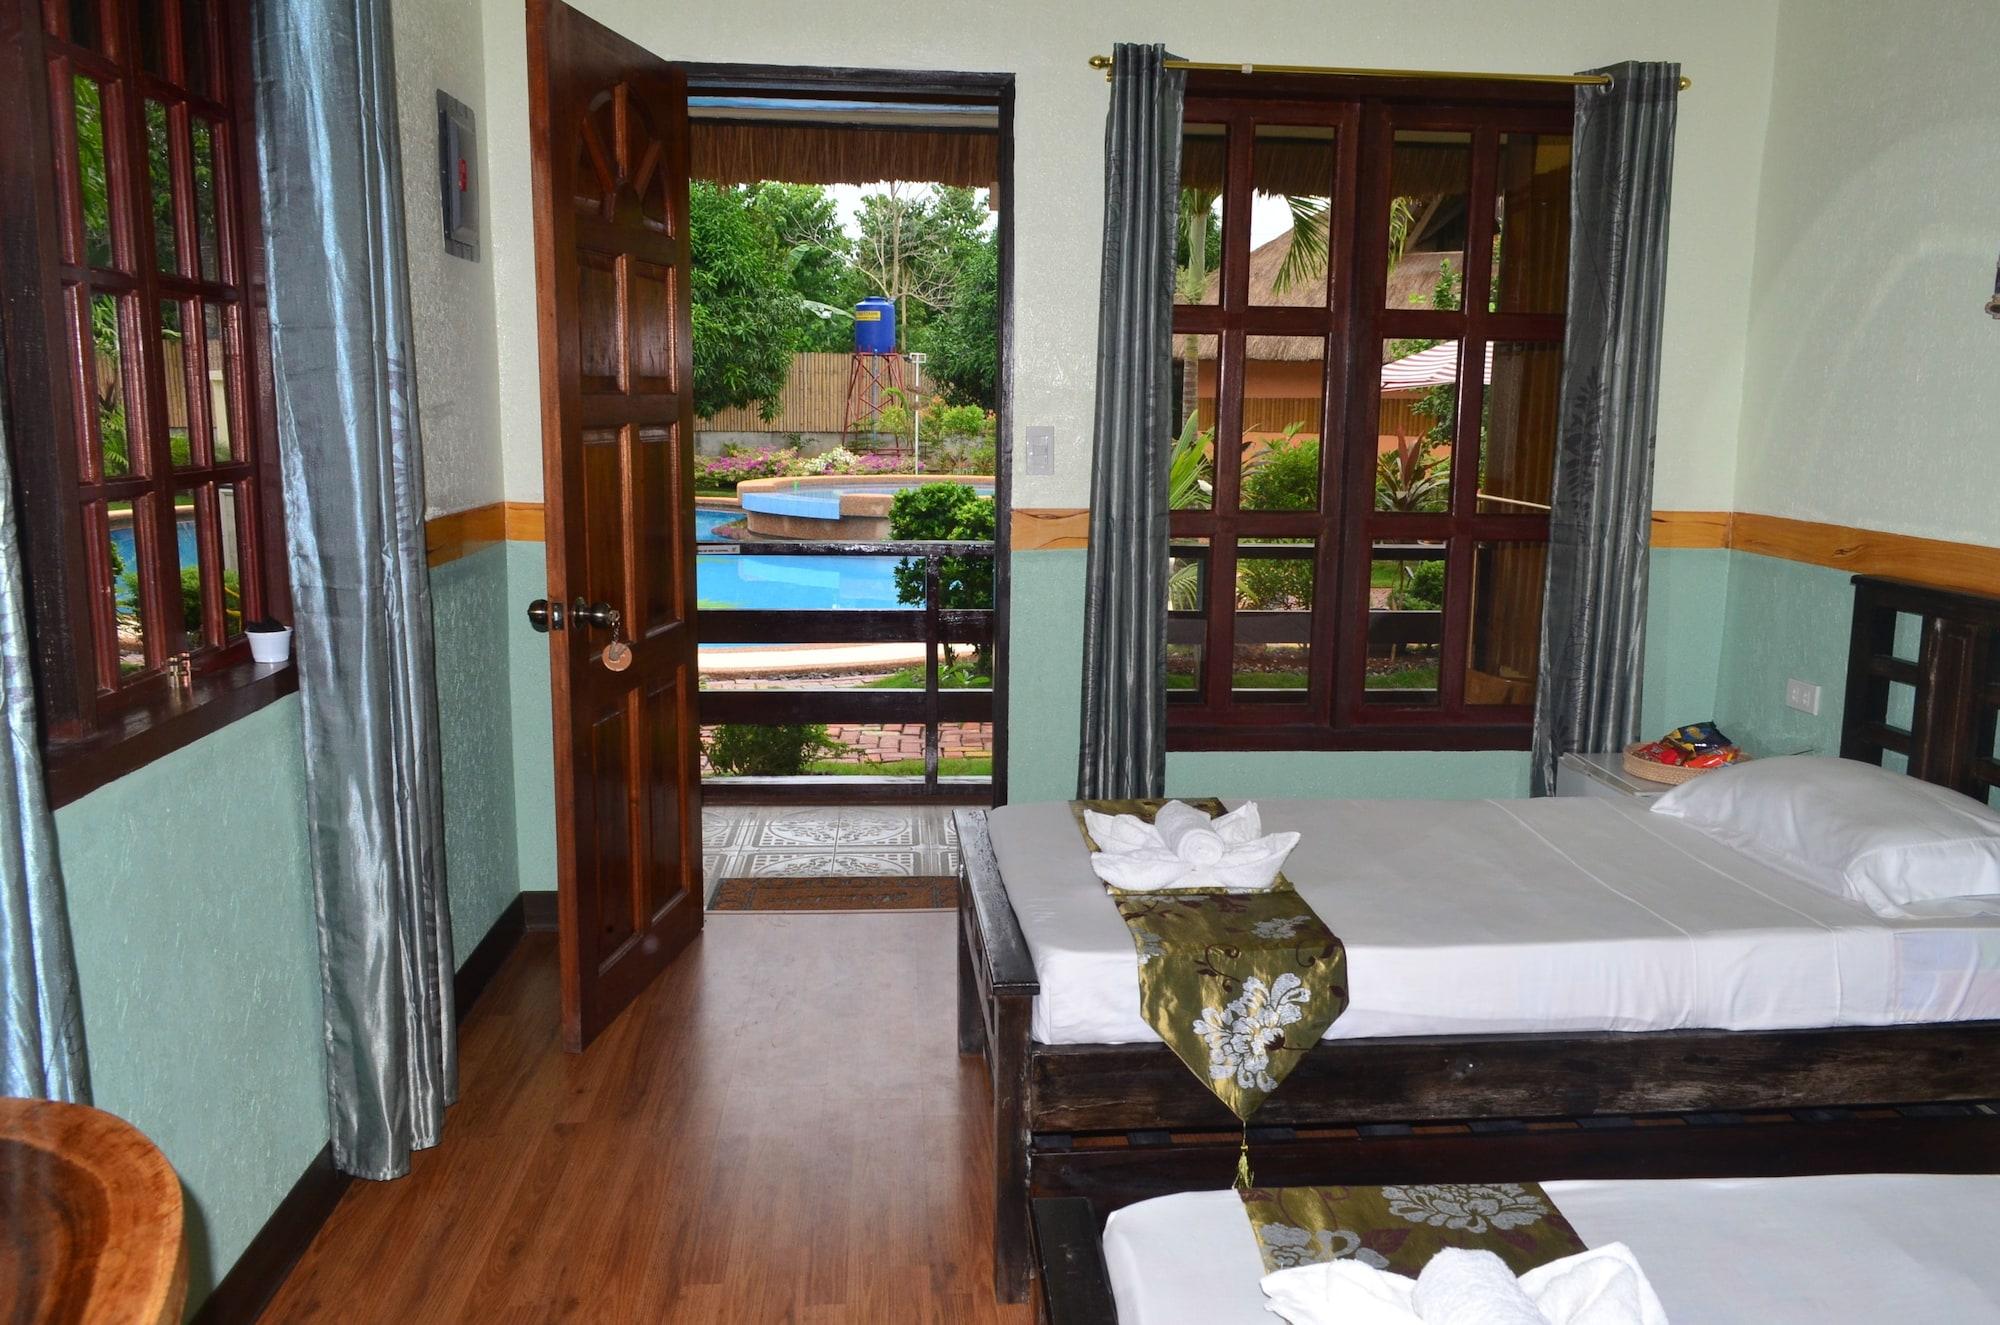 Veraneante Resort, Panglao